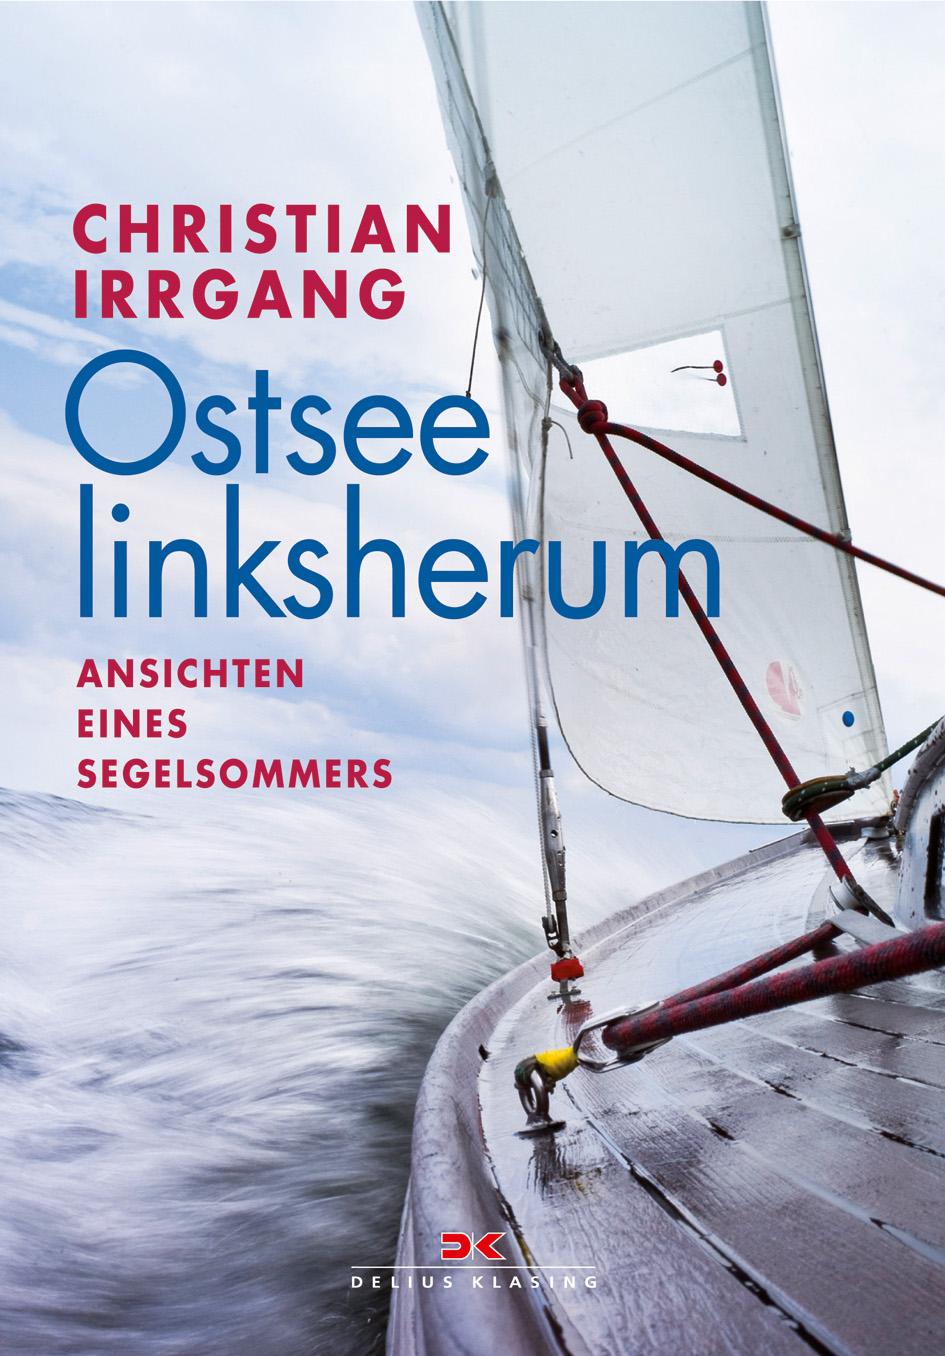 Ostsee linksherum: Ansichten eines Segelsommers...